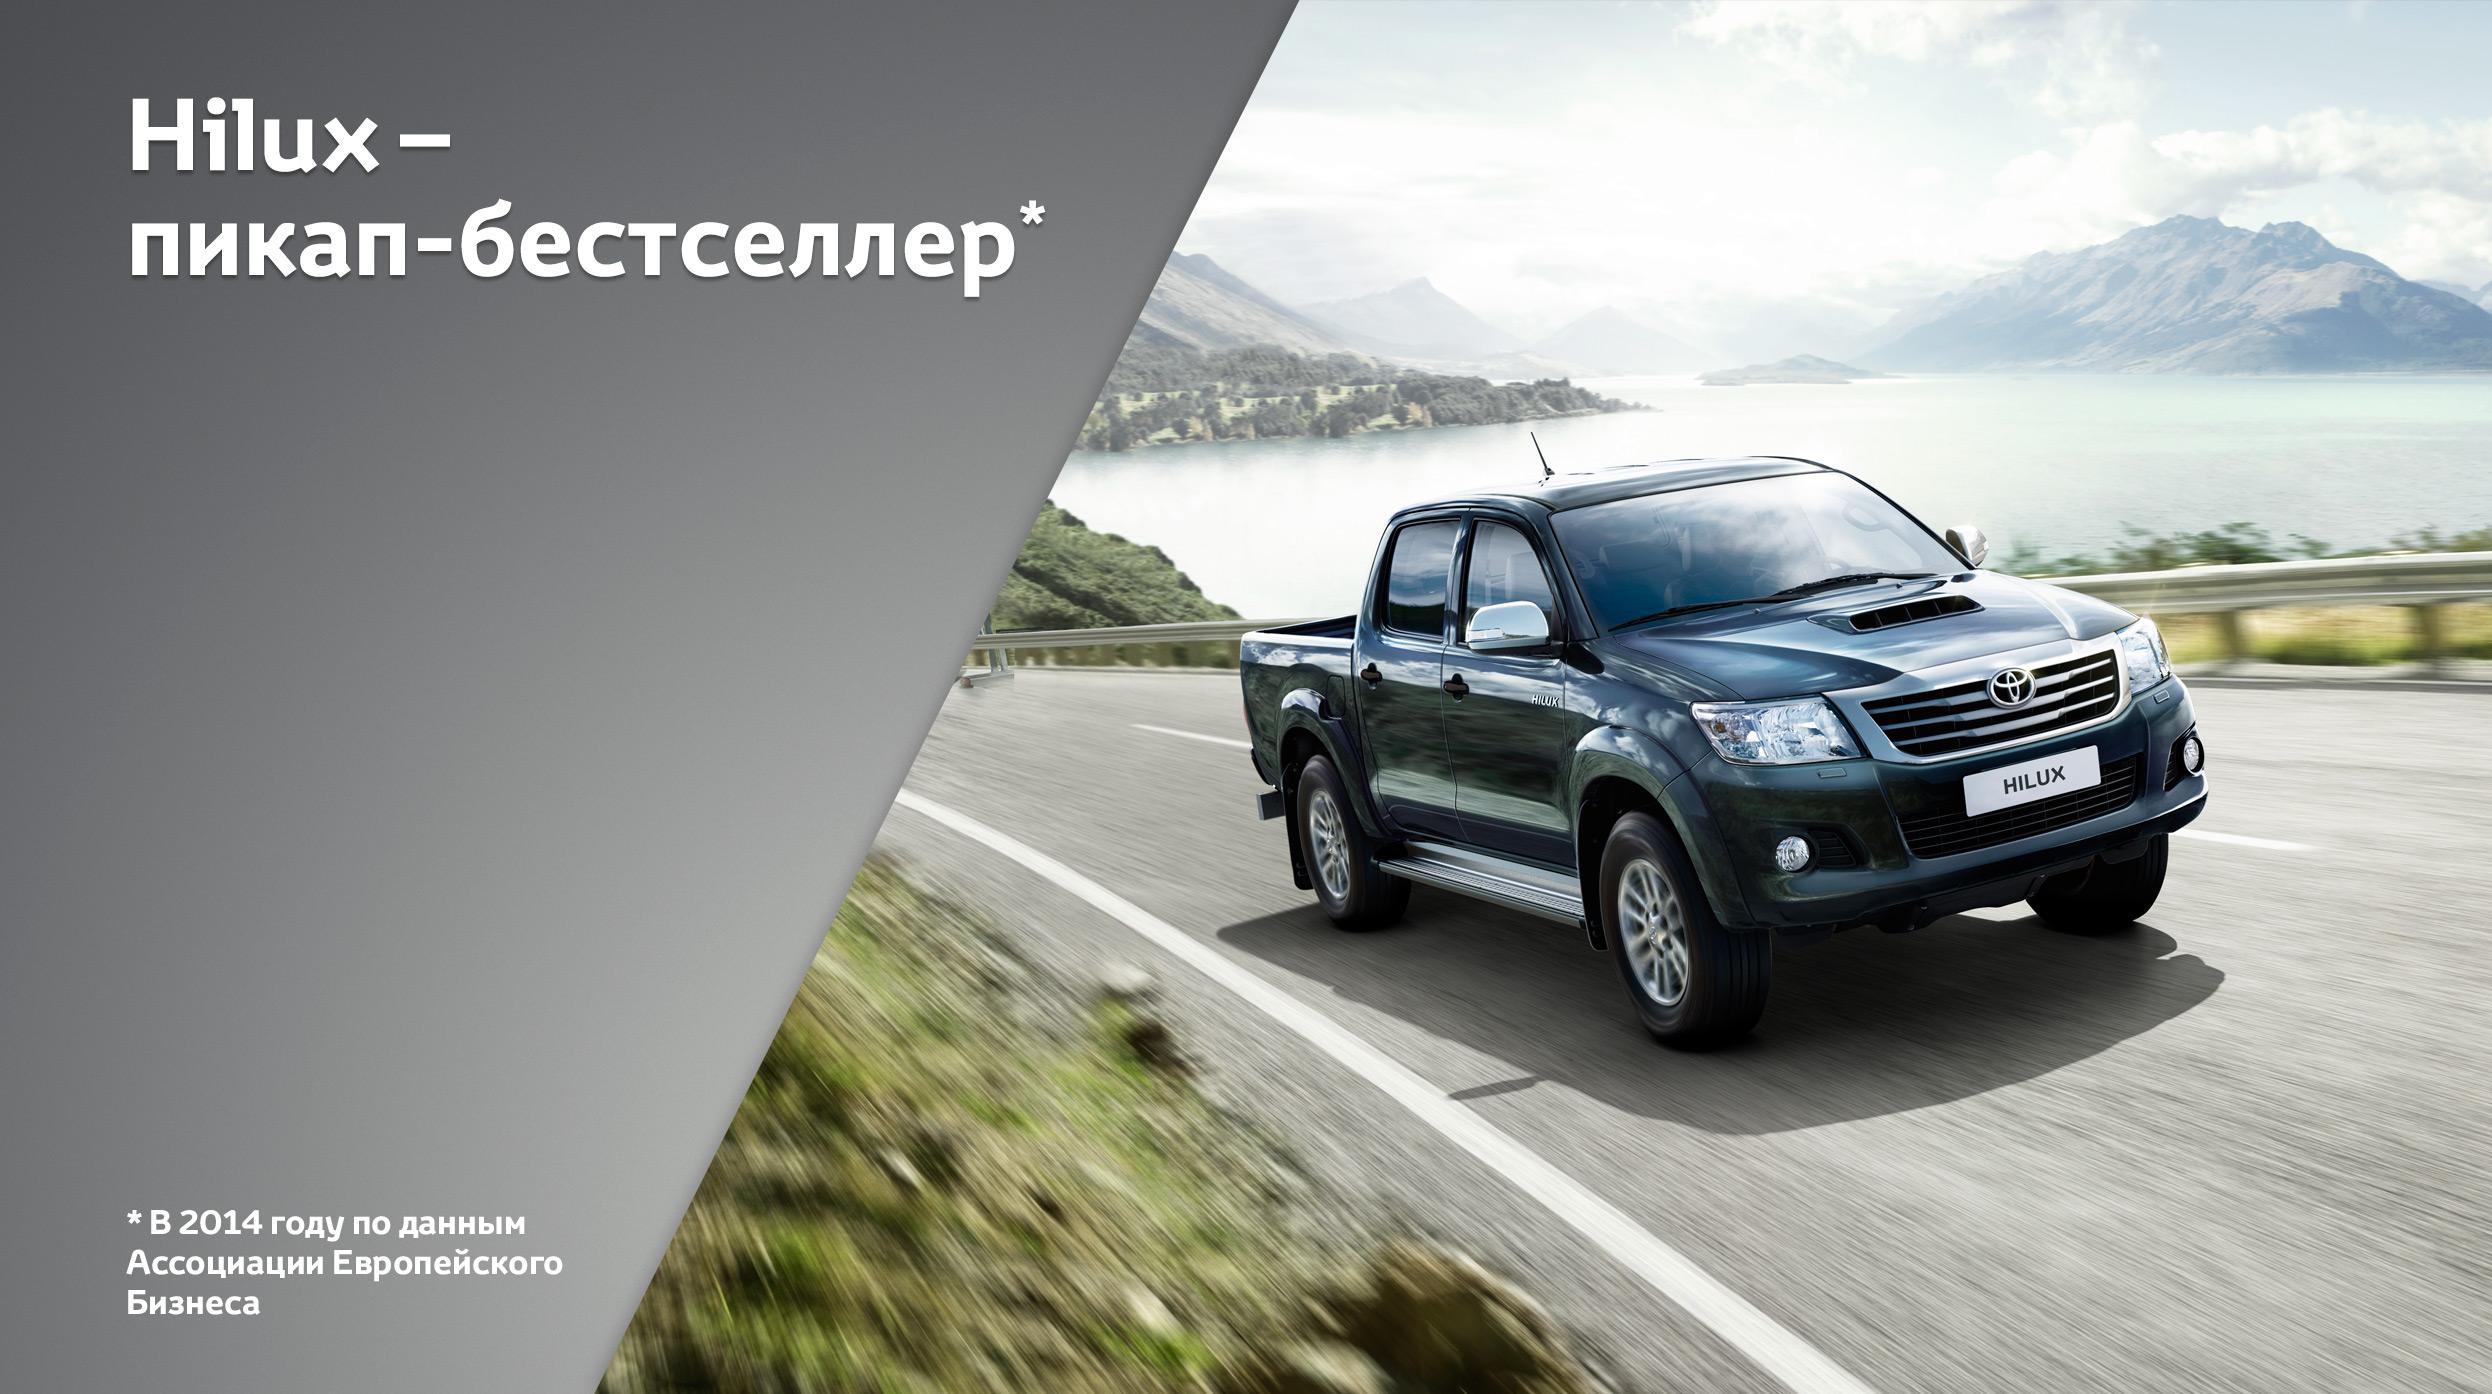 «Тойота Мотор» продемонстрировала позитивную динамику даже на падающем рынке в 2014 году